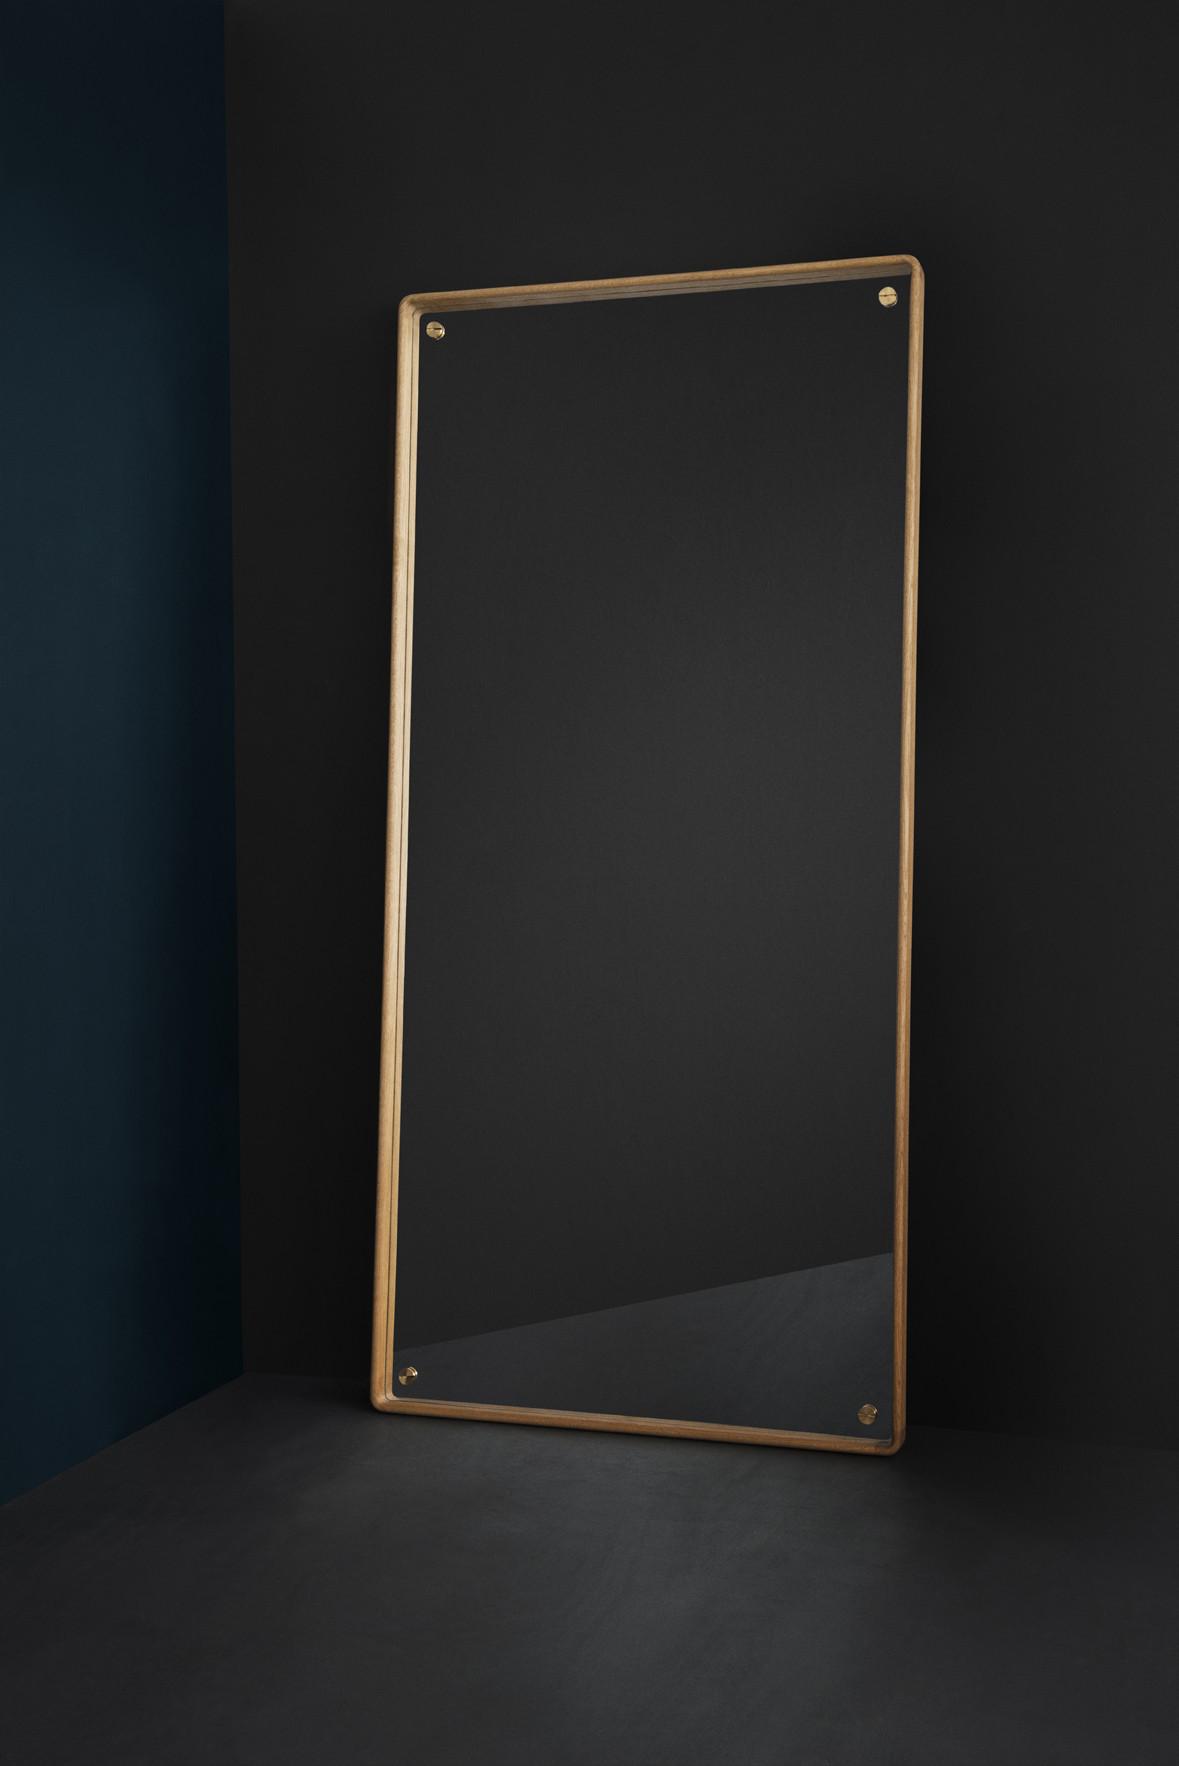 KBH_mirrorframe